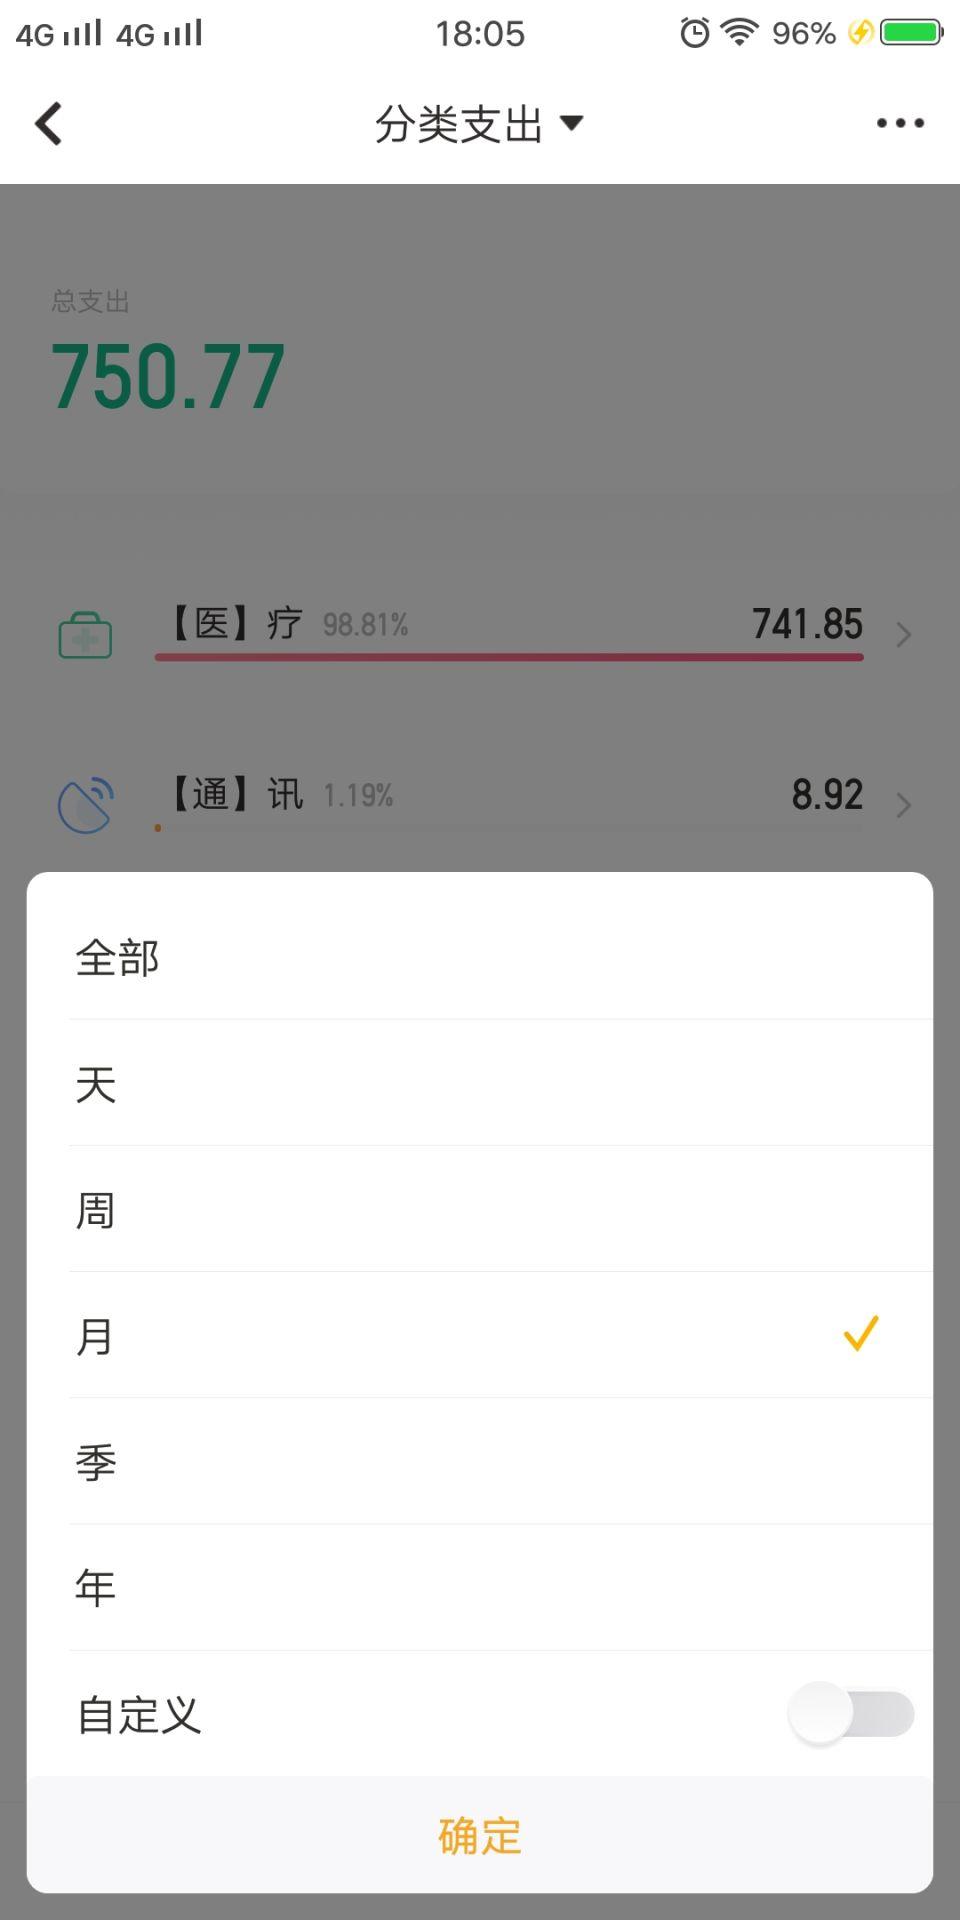 Screenshot_20200614_180542.jpg